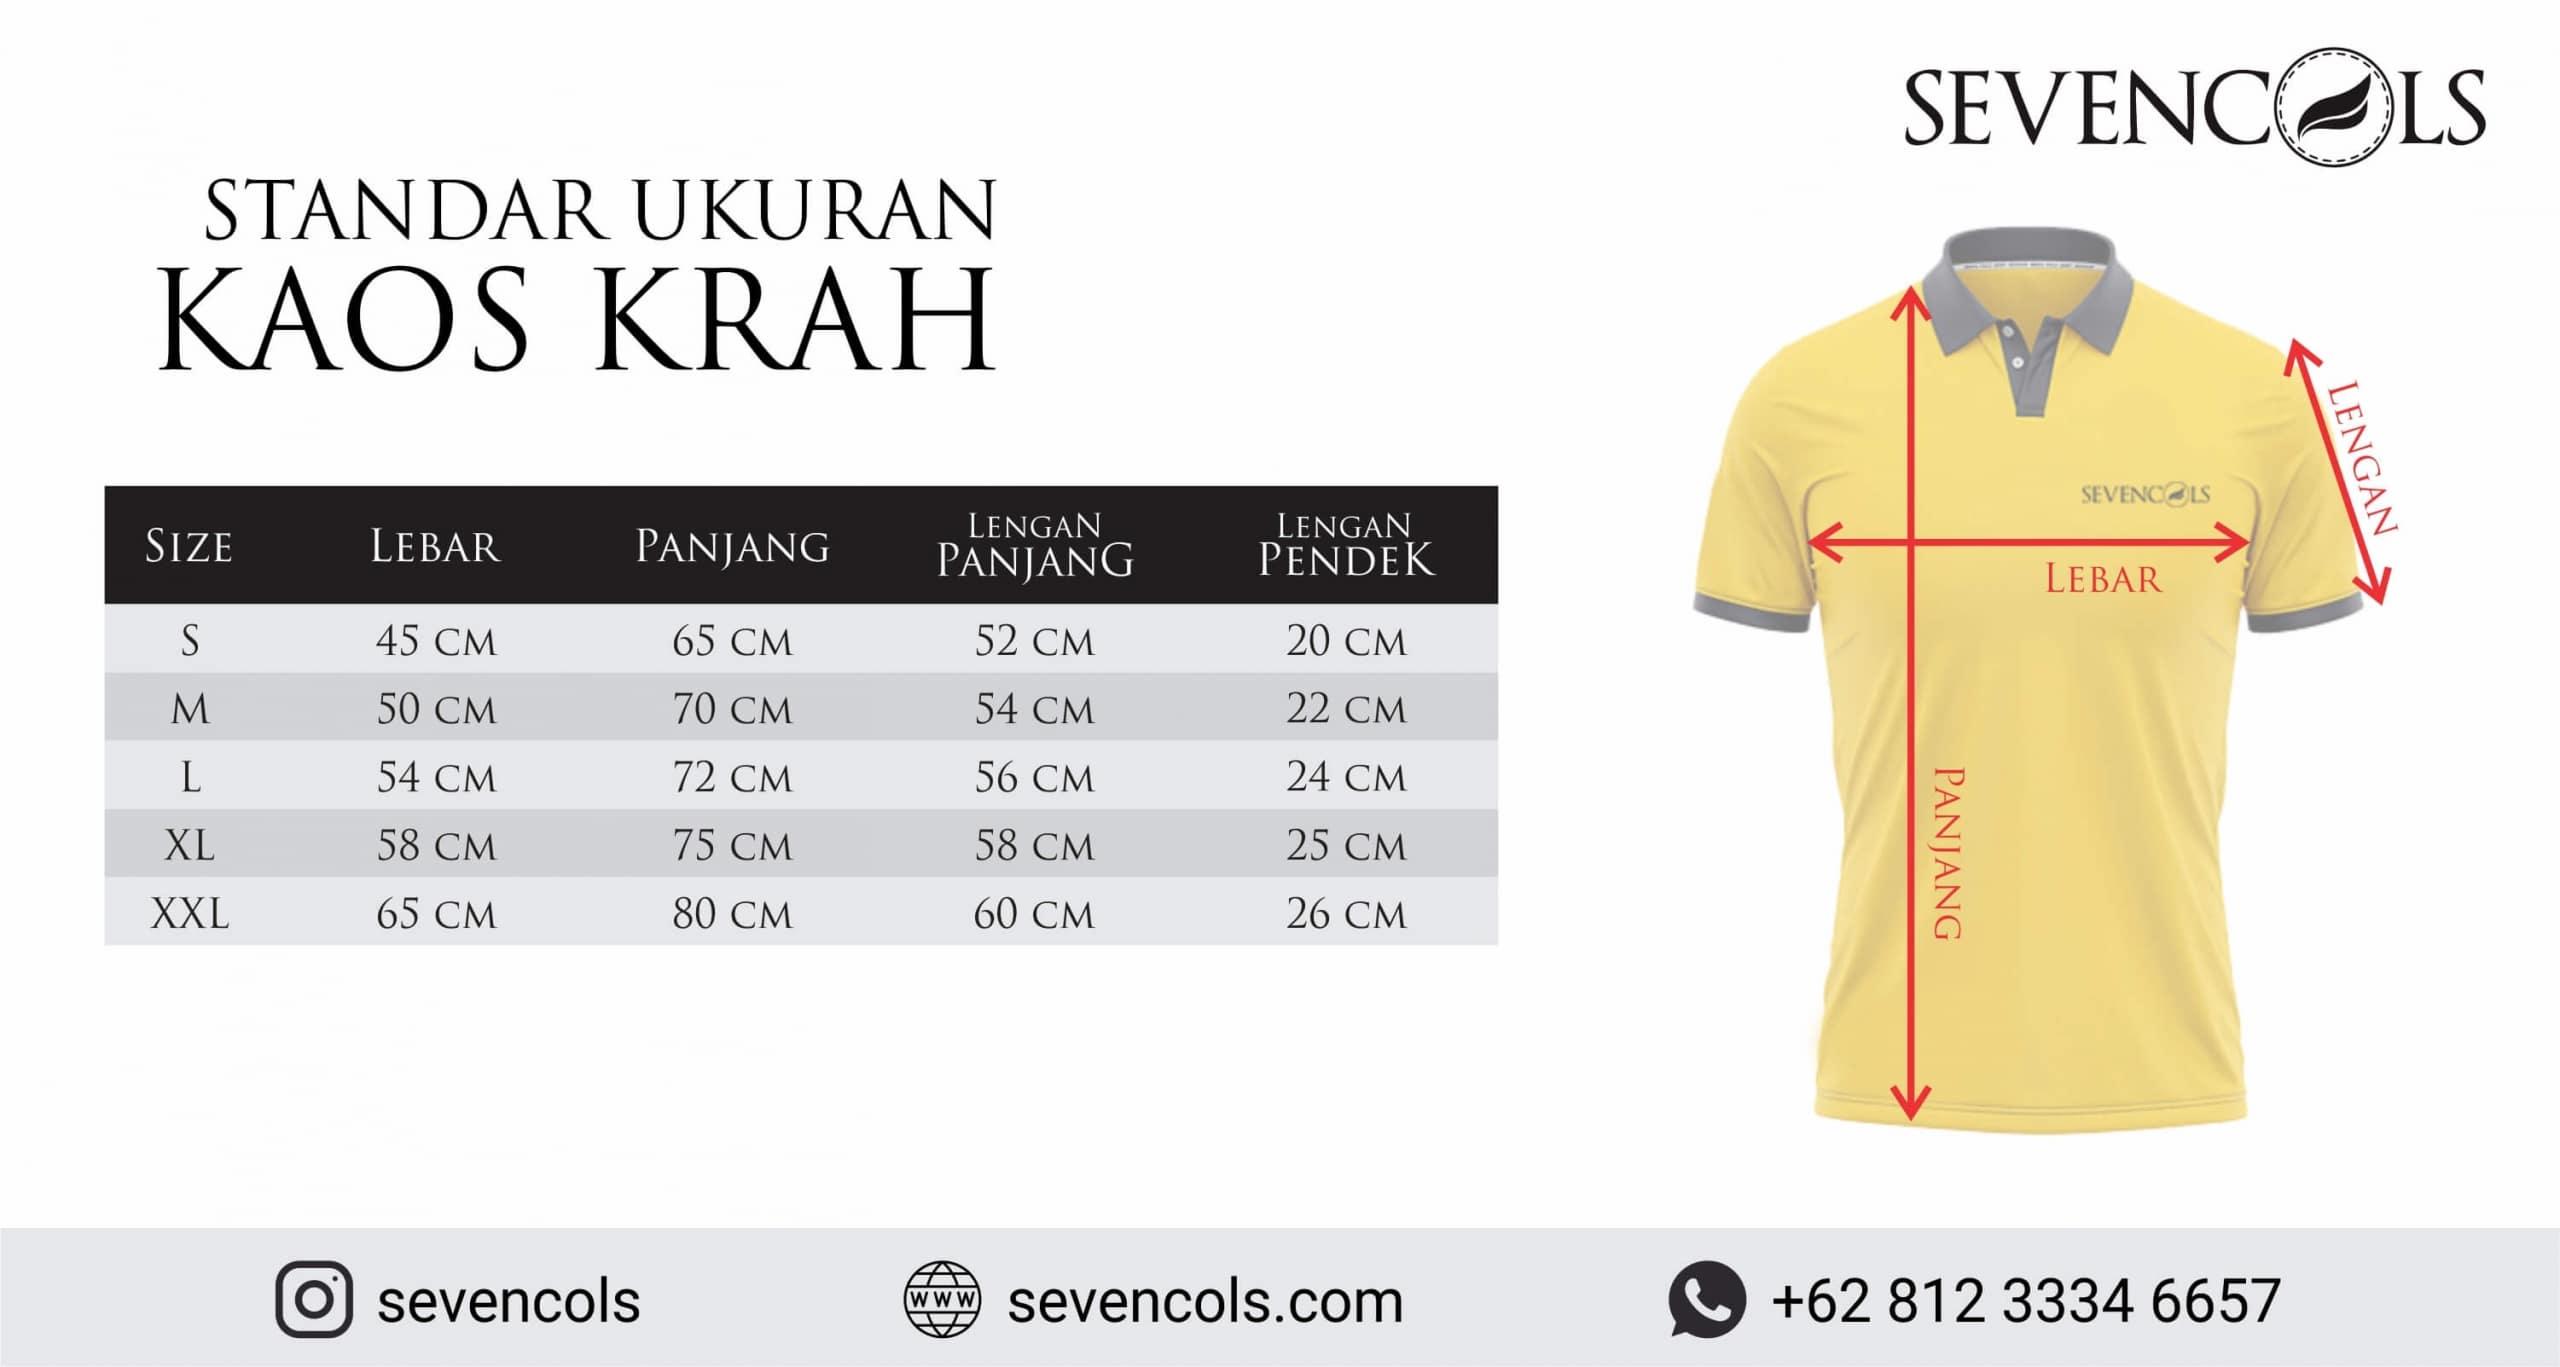 Standar Ukuran Kaos Krah/Polo Konveksi Malang Sevencols